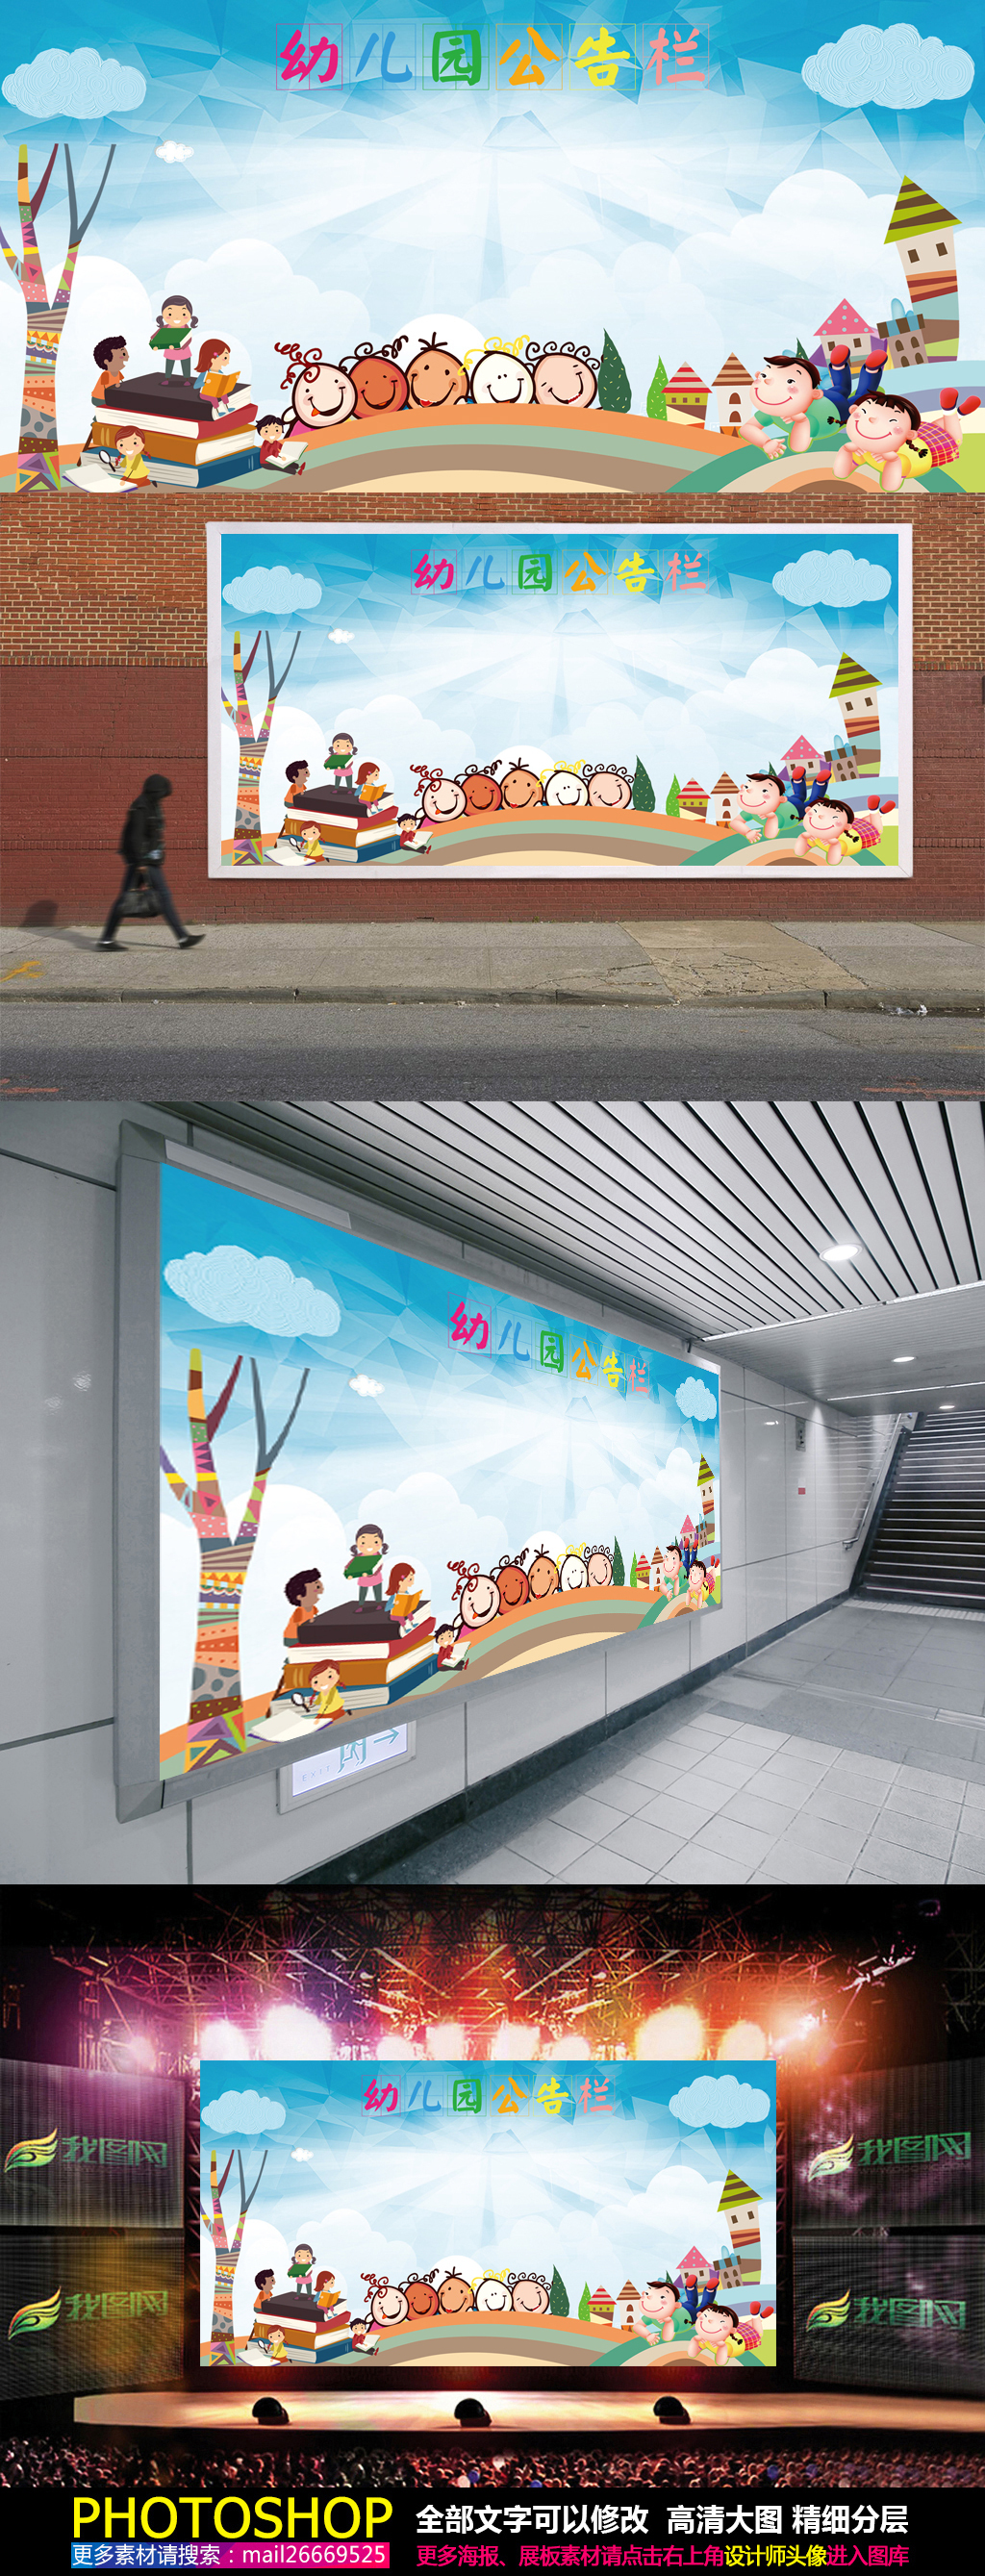 幼儿园公告栏海报展板设计图片